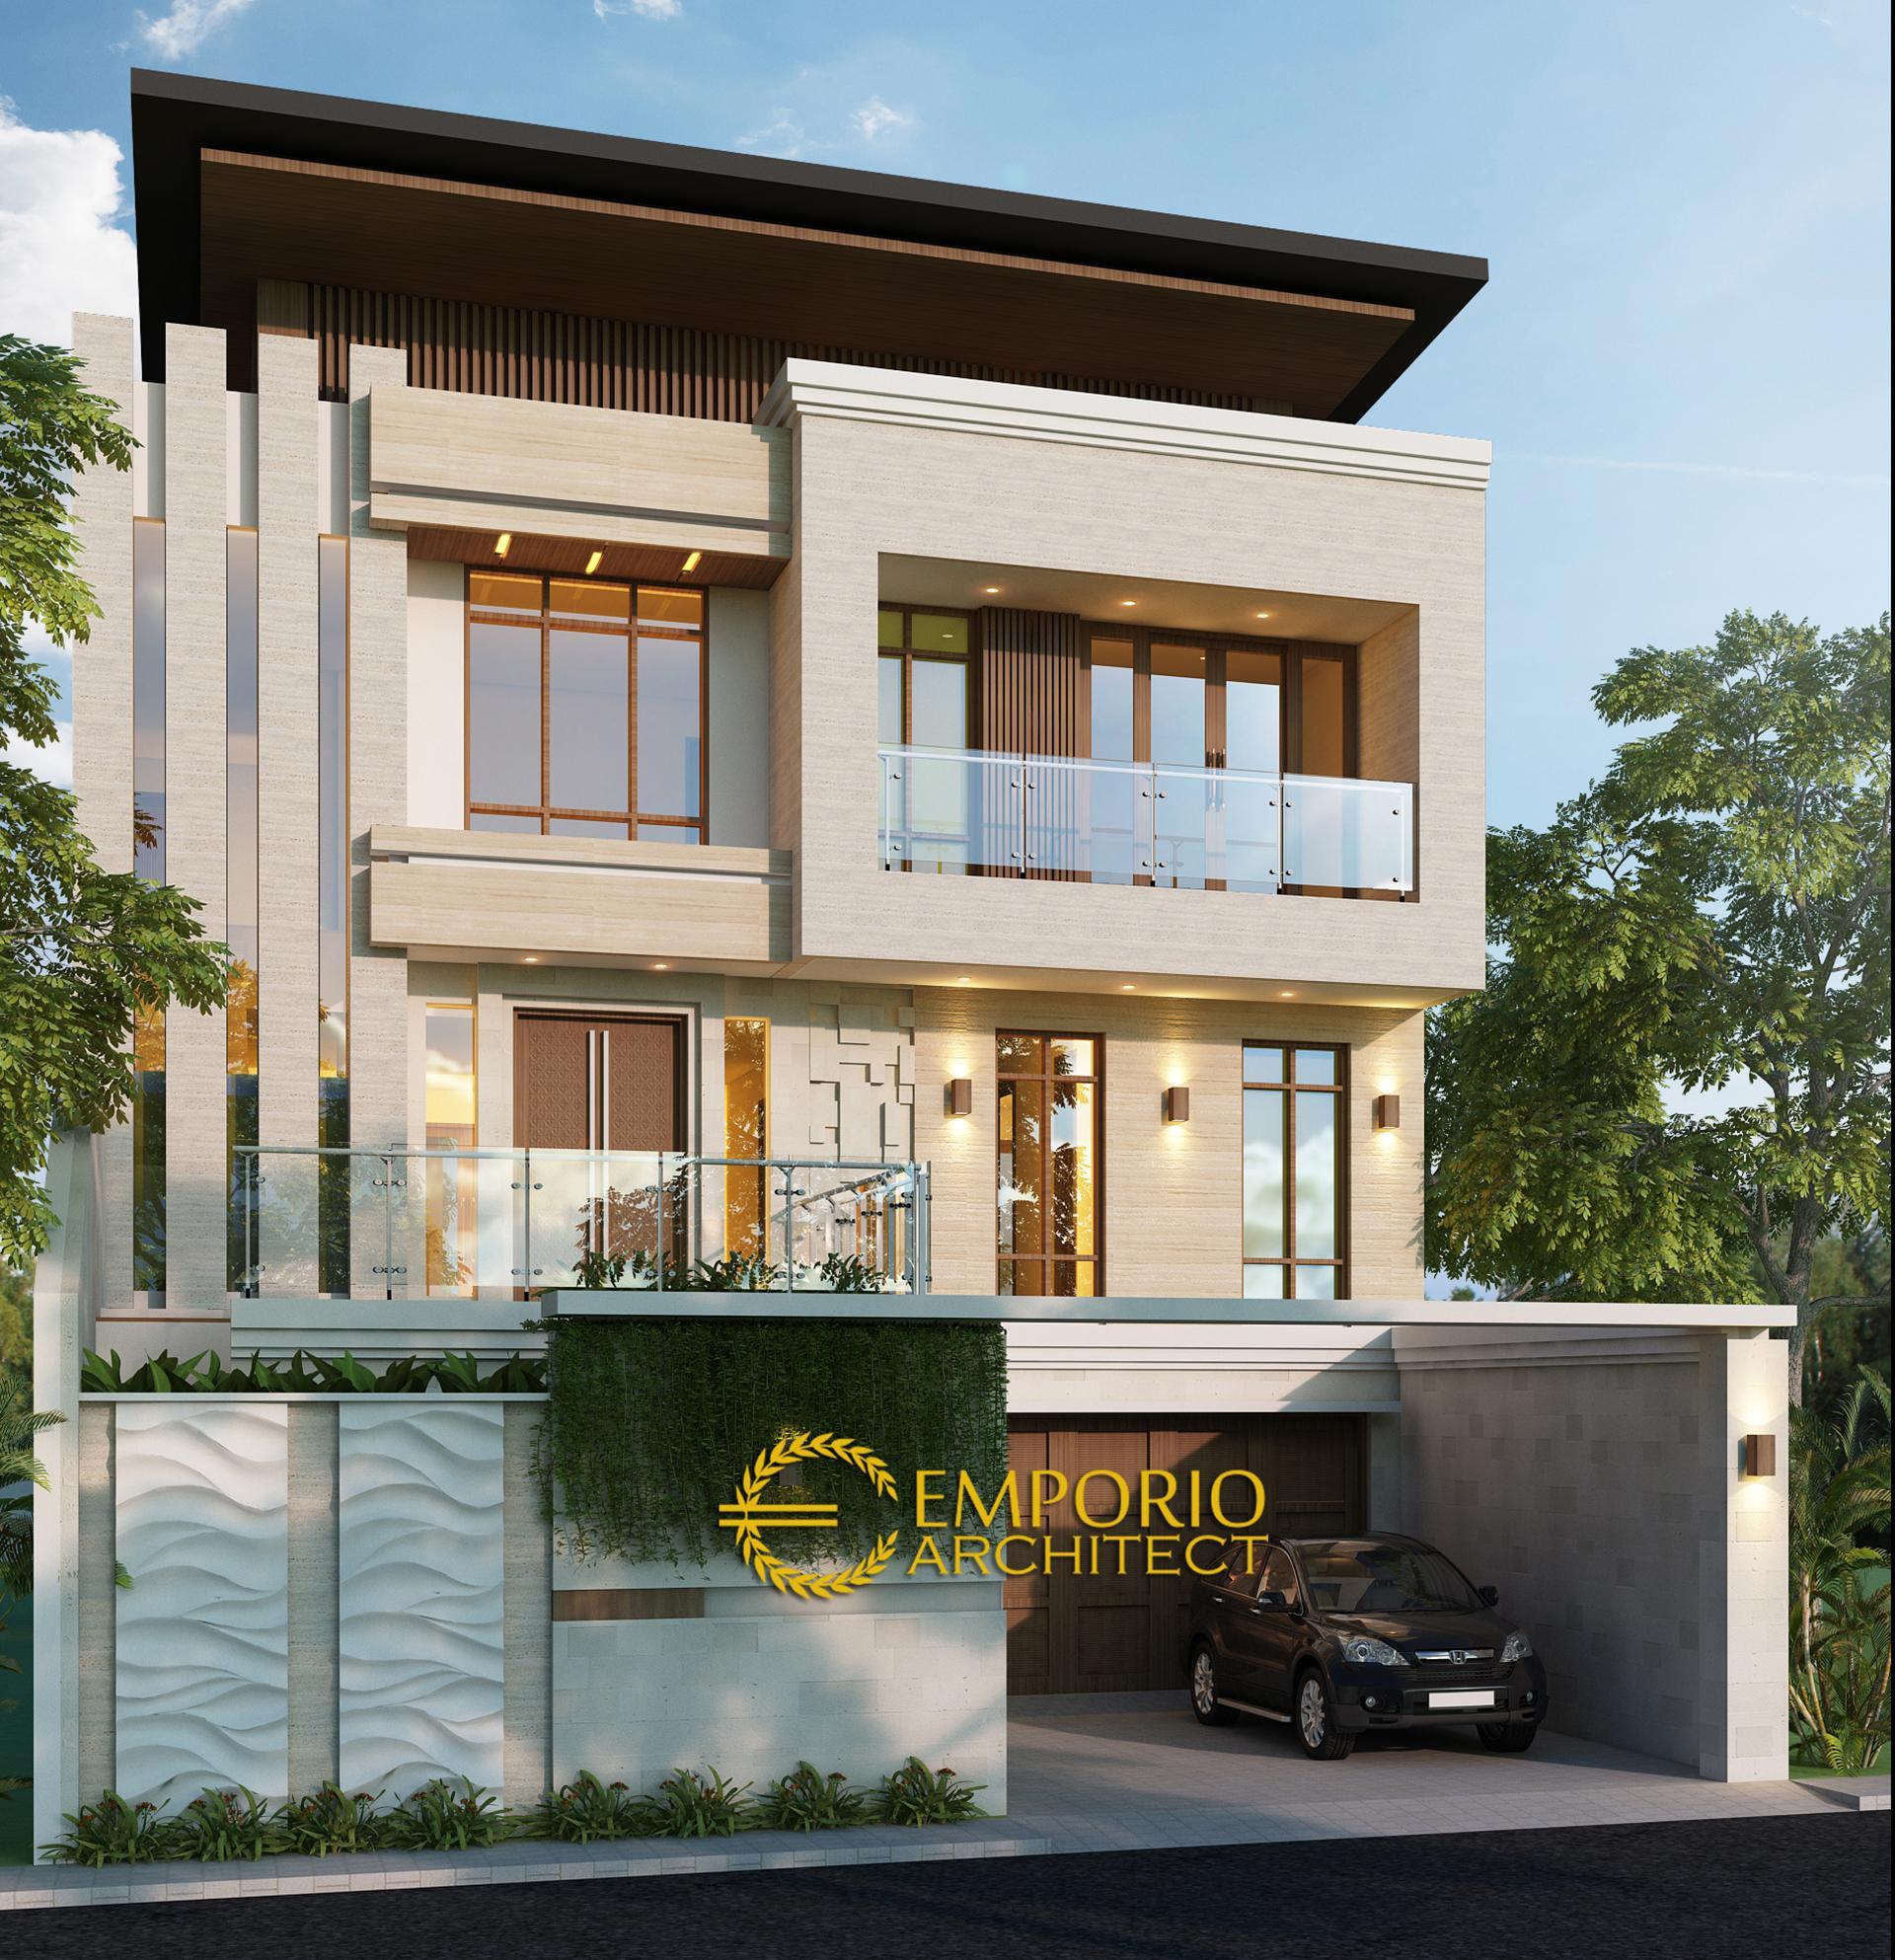 Desain Rumah Modern 2 5 Lantai Ibu Linda Di Bandung